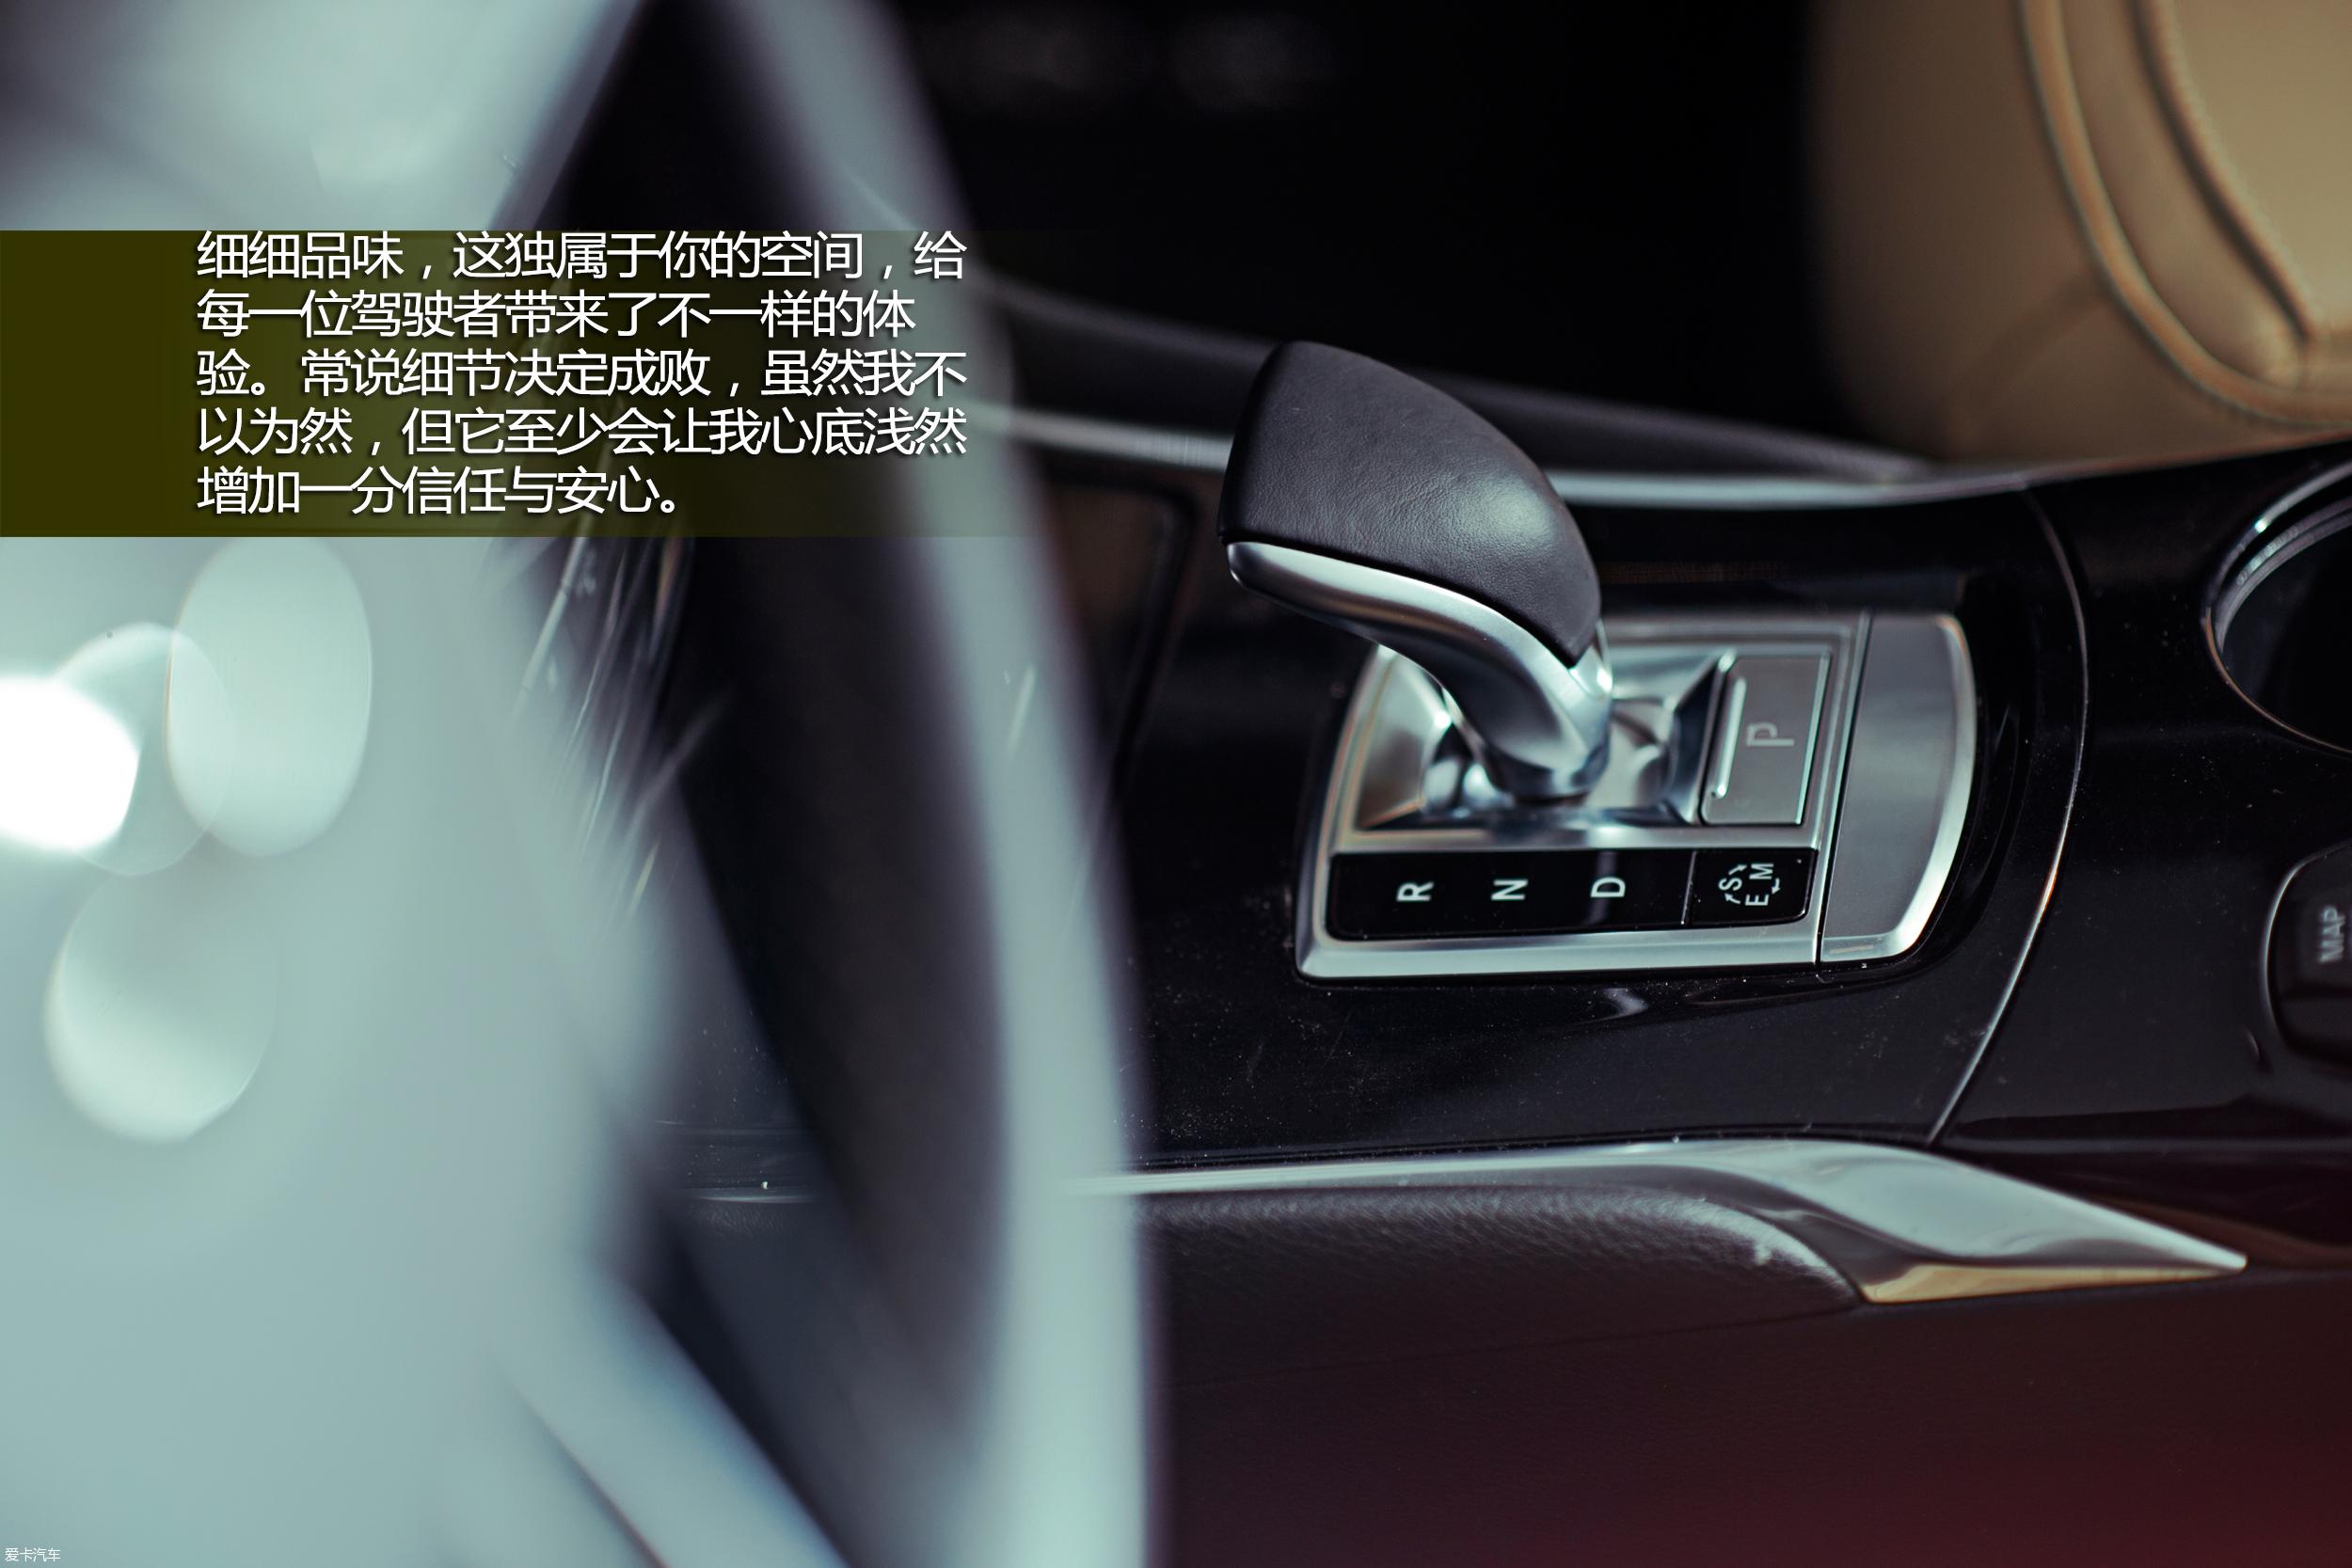 17/19_爱卡汽车网